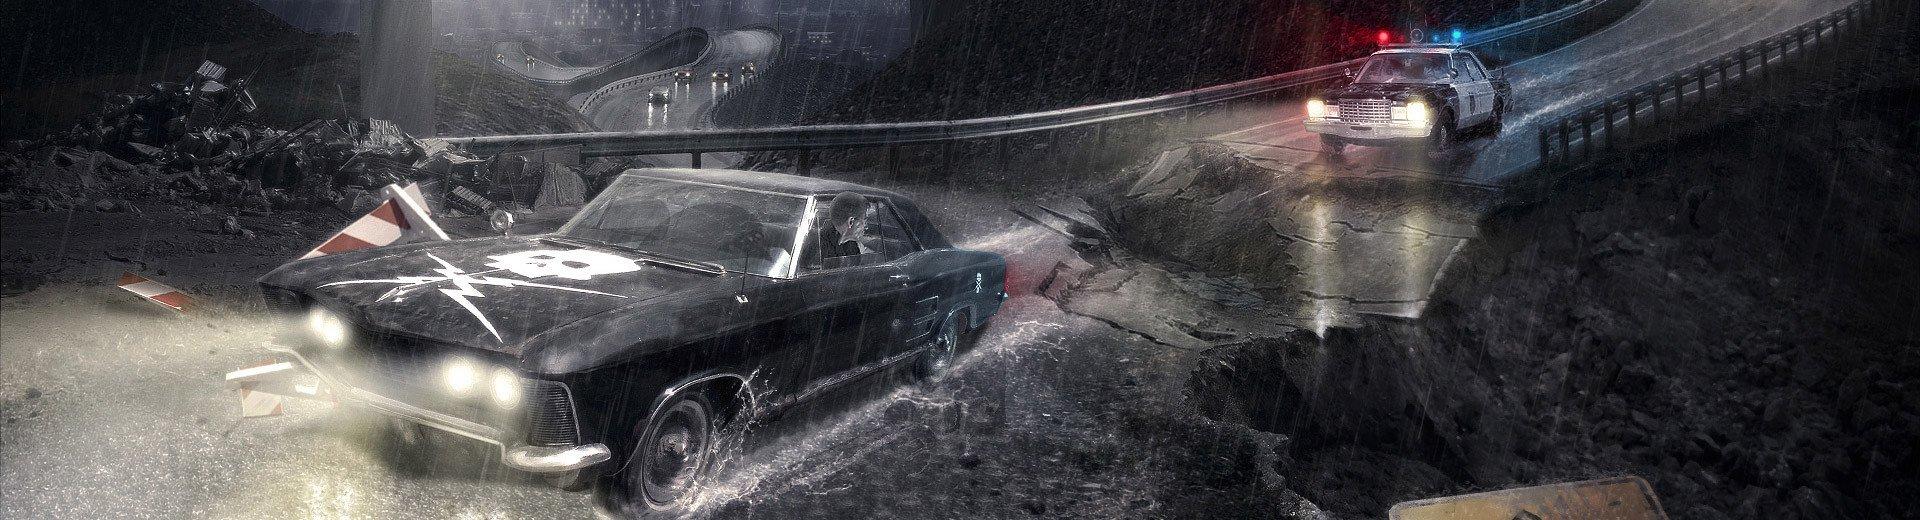 Okładka artykułu Tworzymy klimatyczną fotomanipulację sceny pościgu — Poradnik porgramu Photoshop